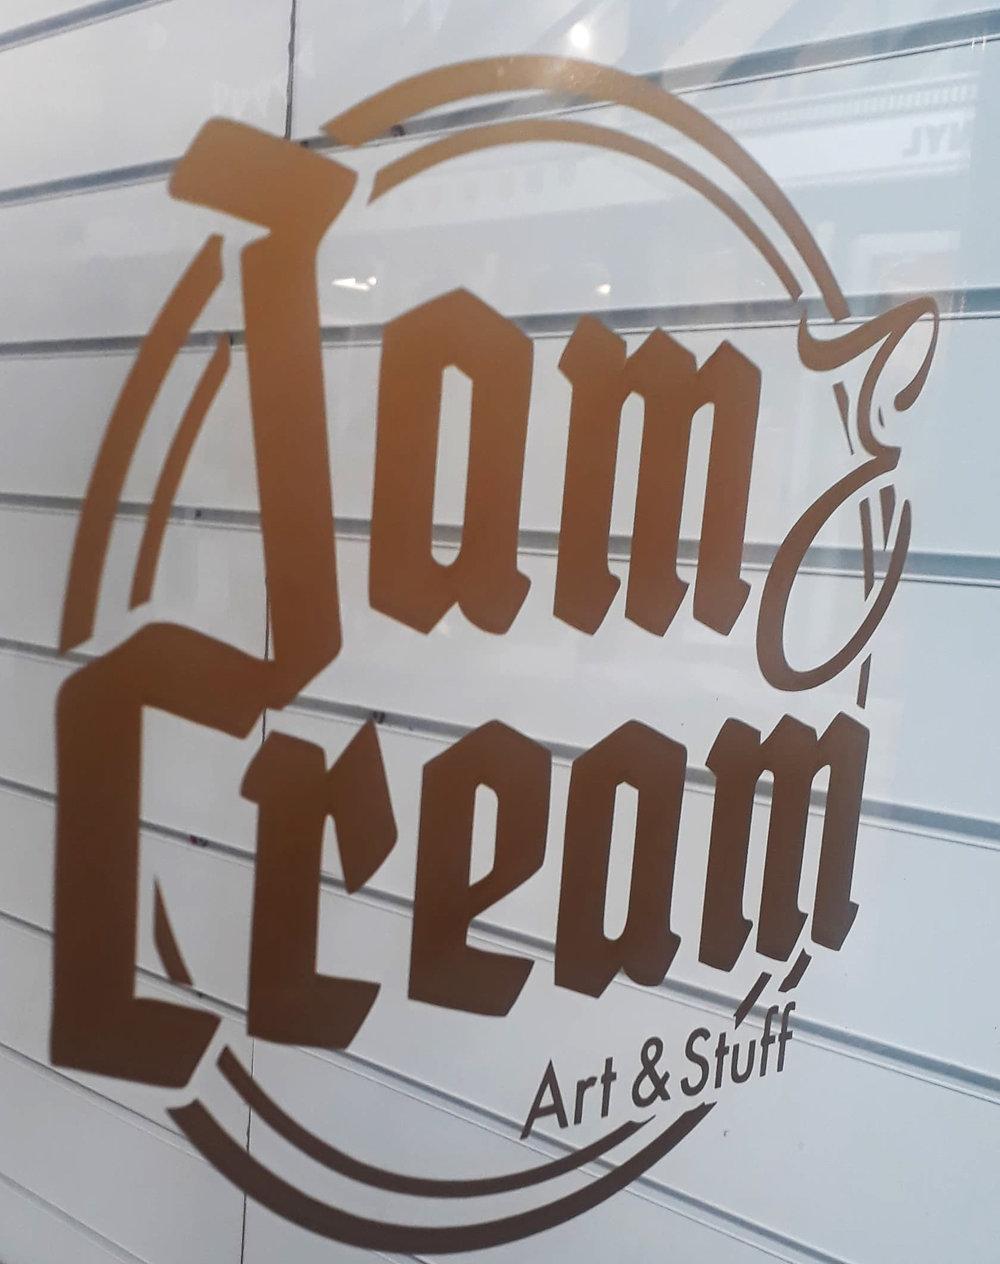 jam and cream.jpg